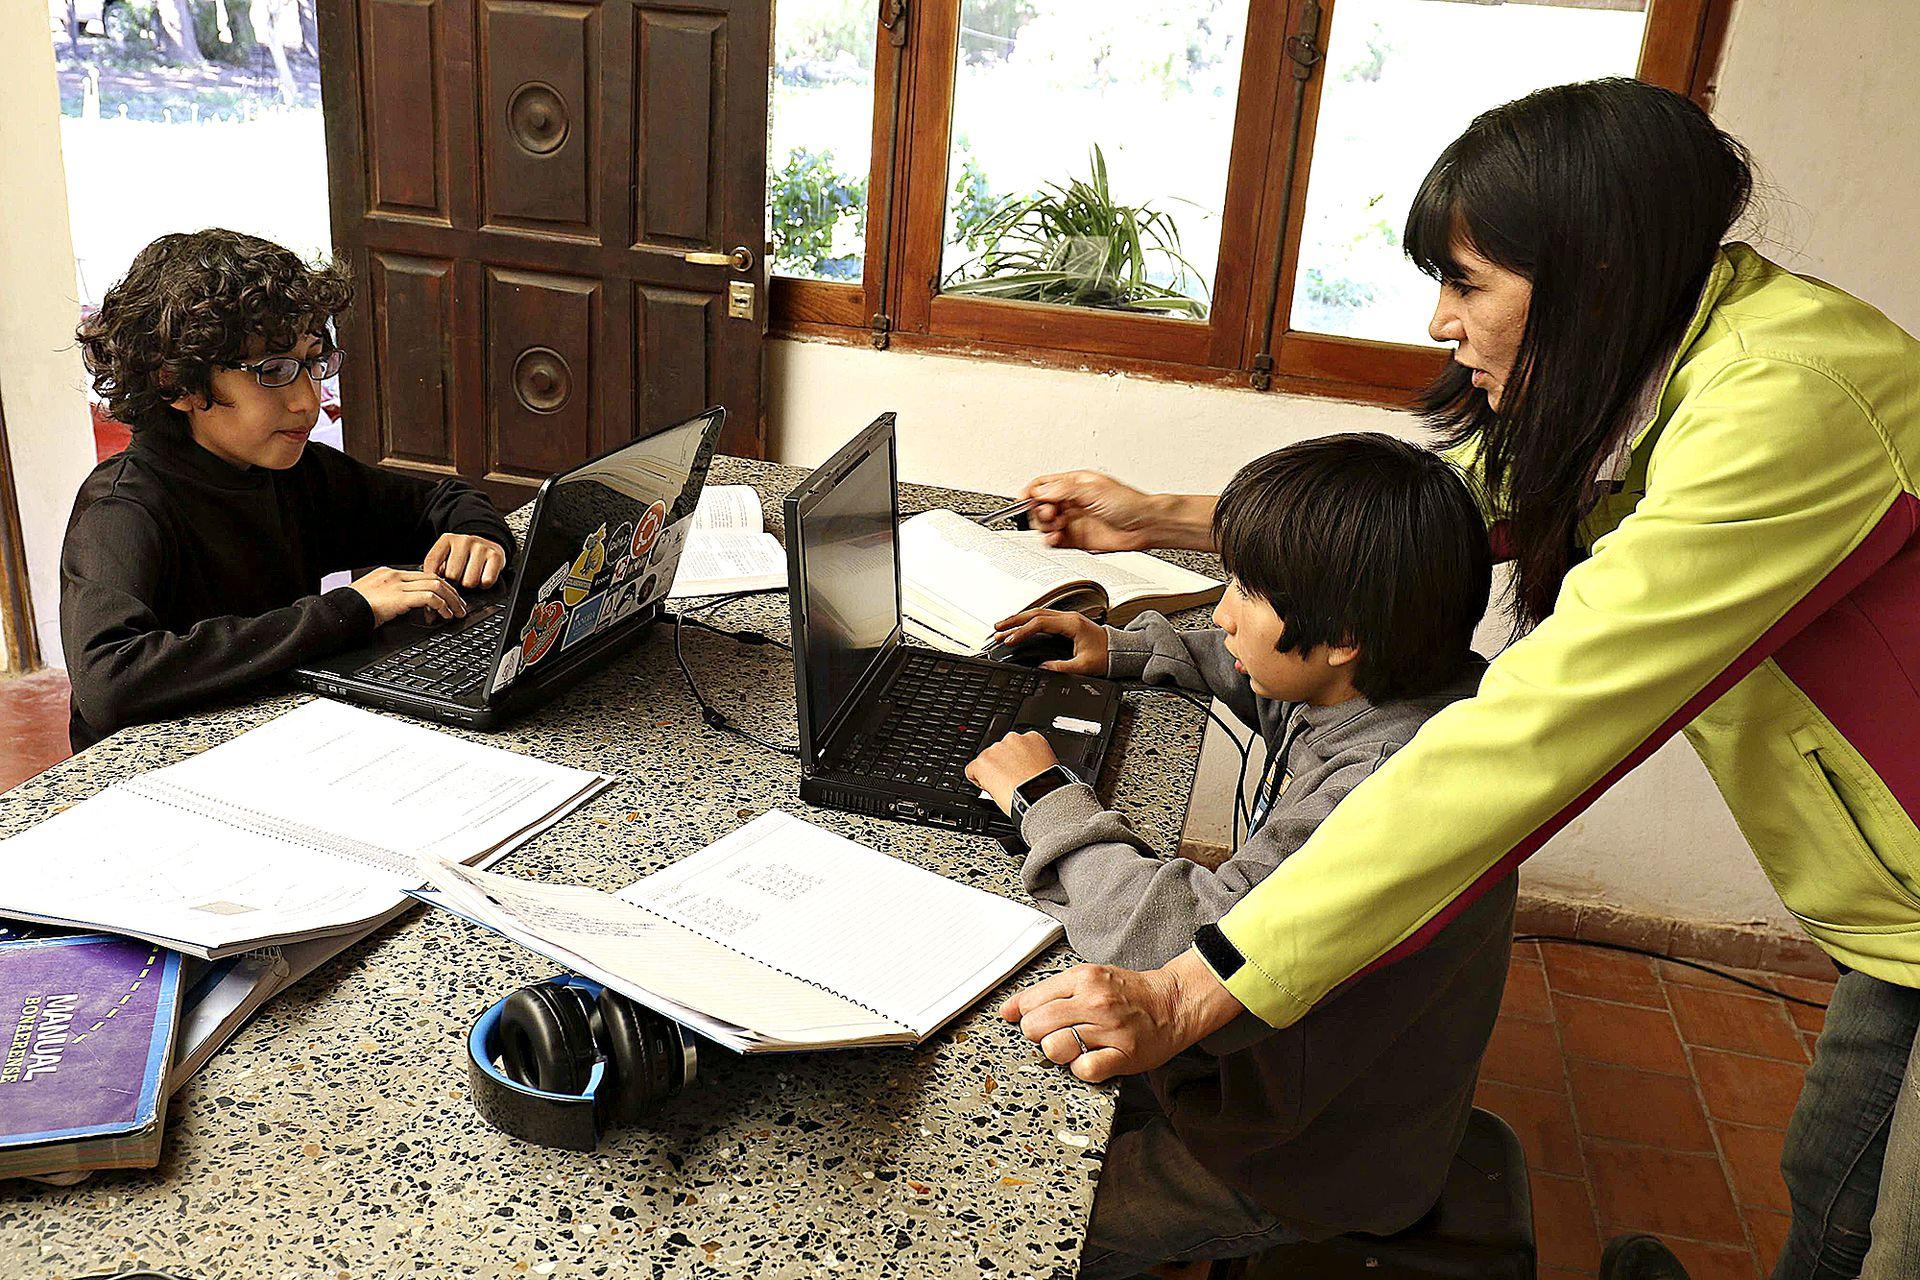 La educación virtual cambió la rutinas; aquí, Tomás y Matías Aranayo estudian en su casa de Purmamarca